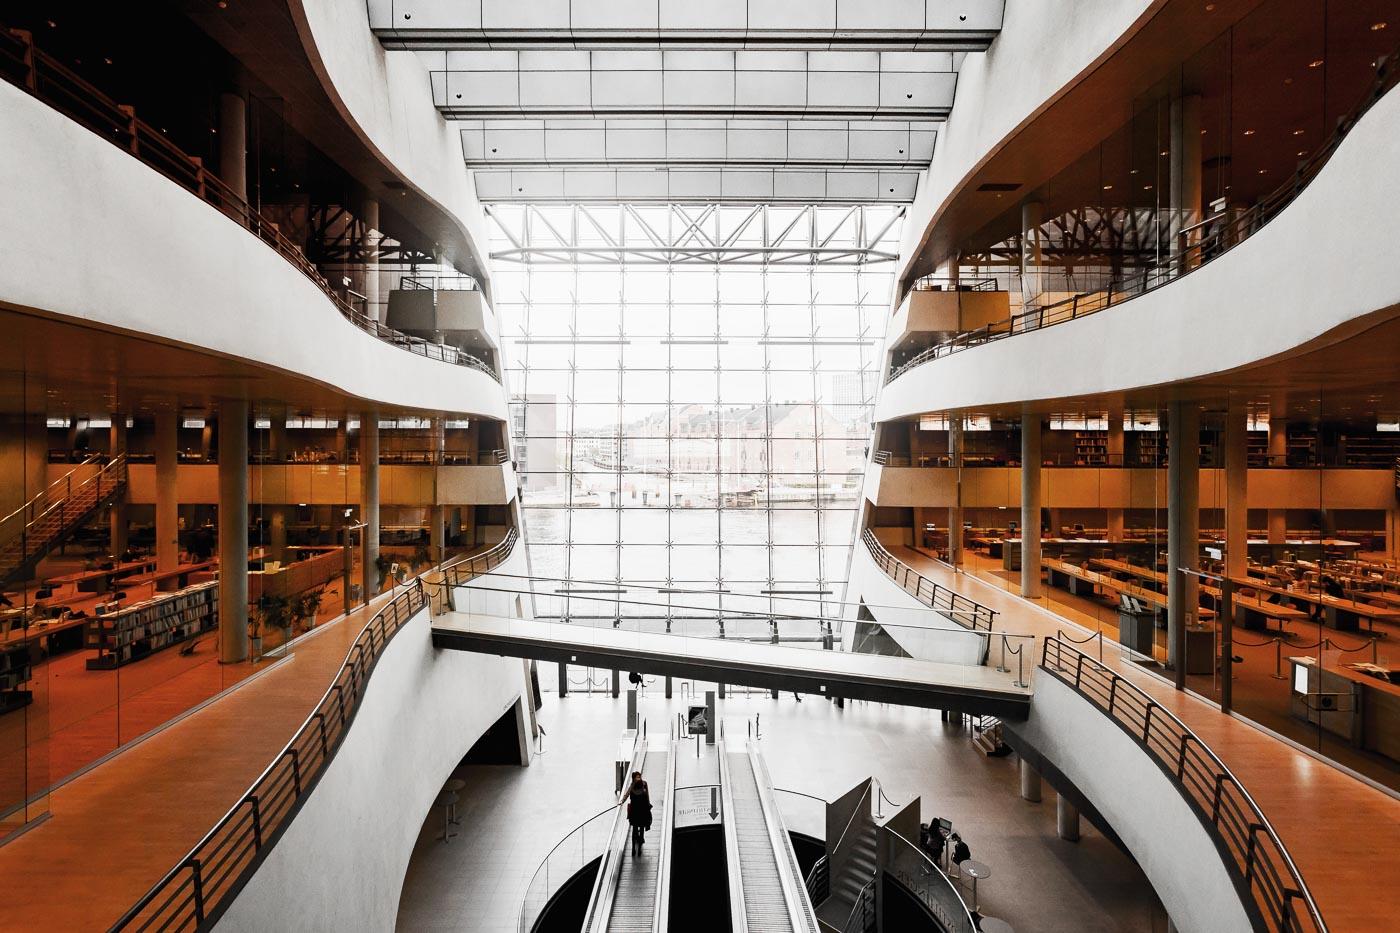 Bibliothek Den Sorte Diamant, neuer Anbau der Dänischen Königlichen Bibliothek